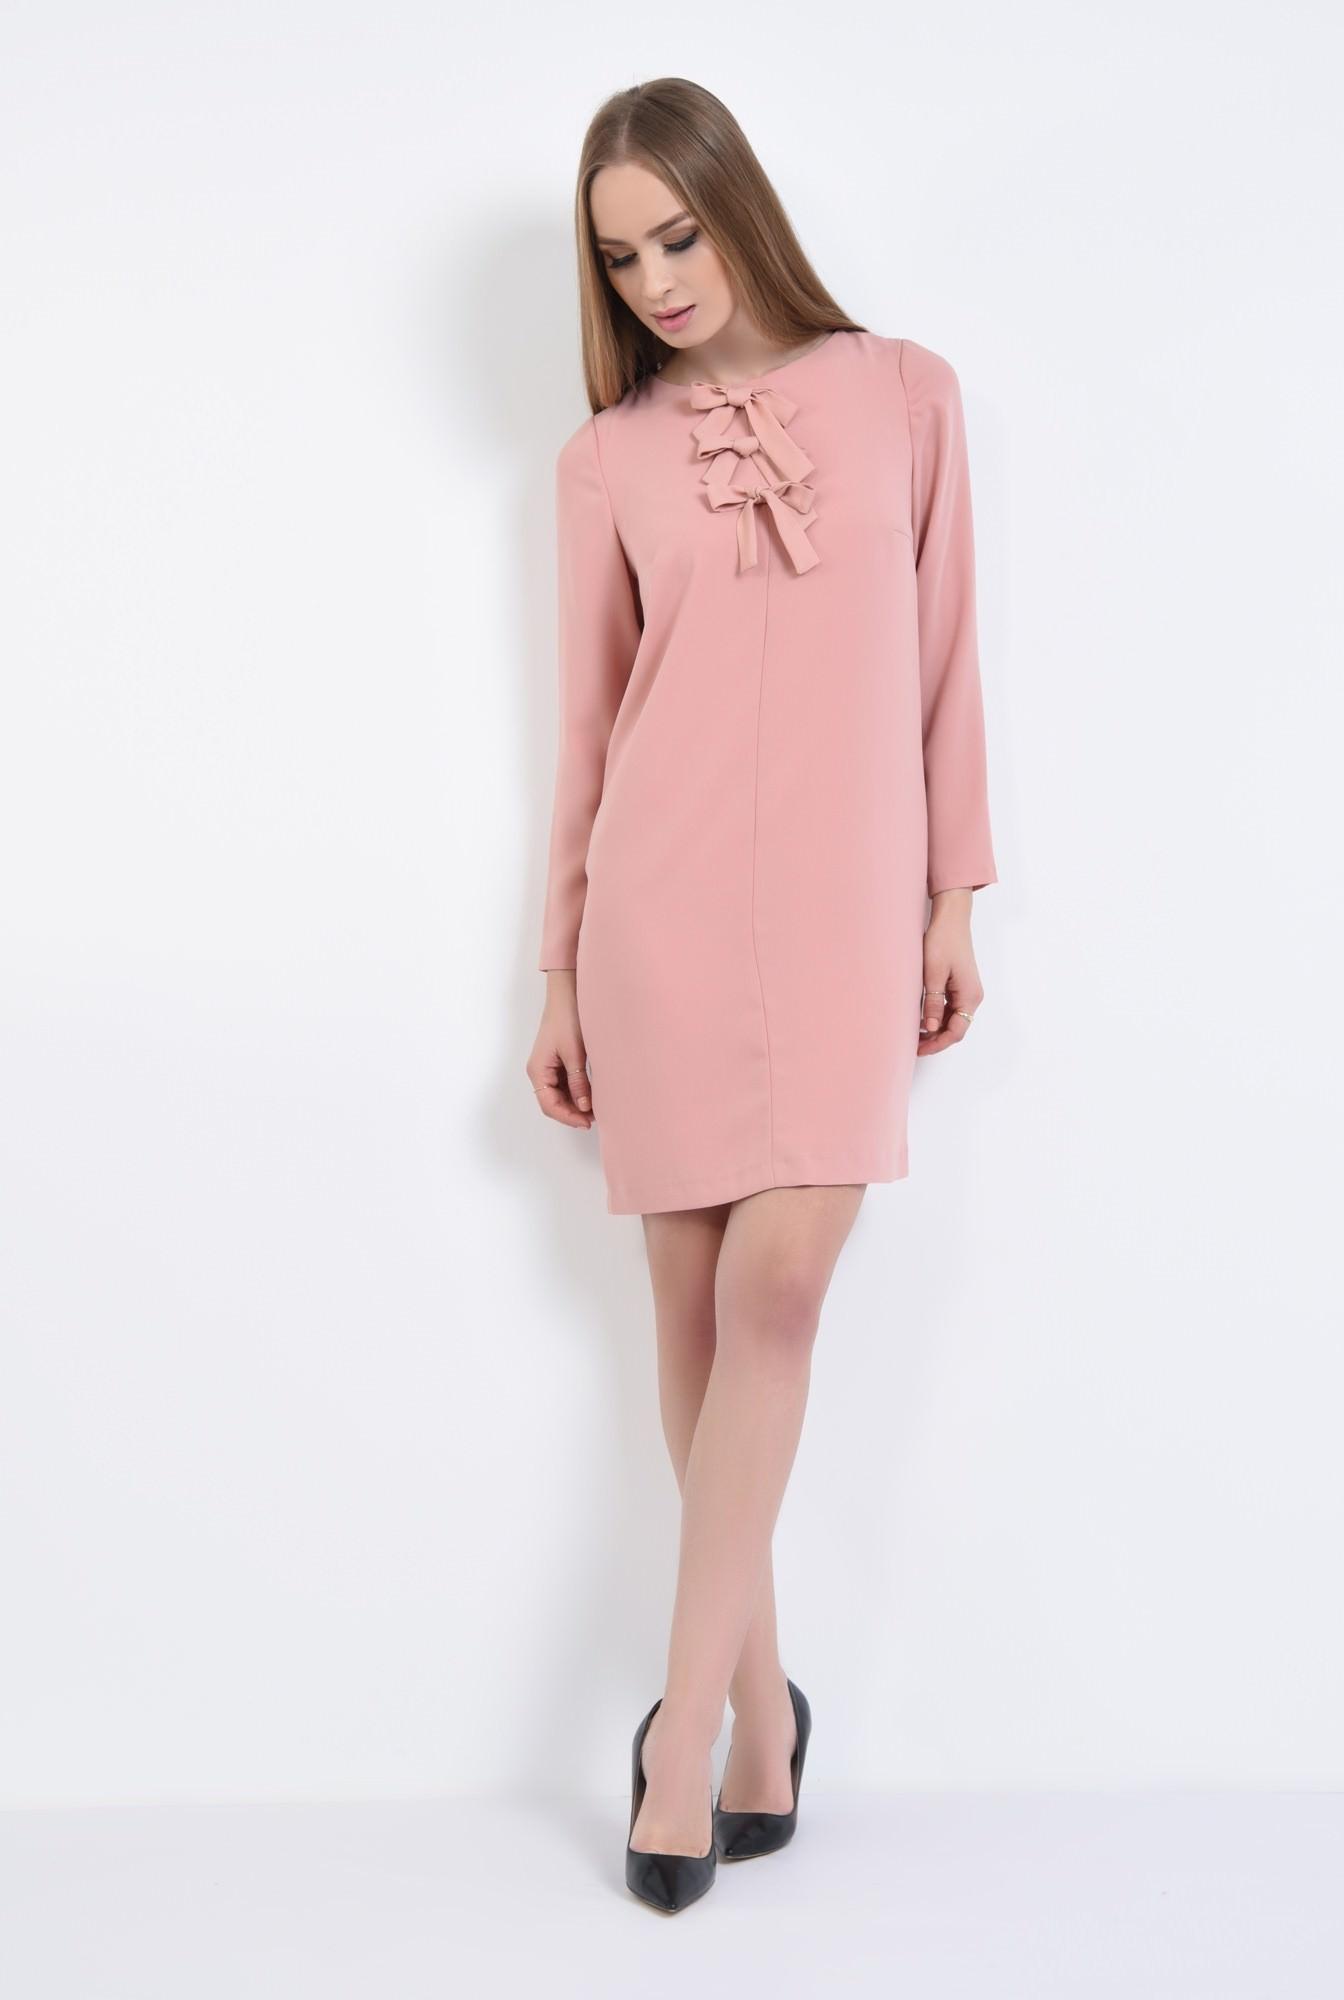 3 - Rochie casual scurta, roz